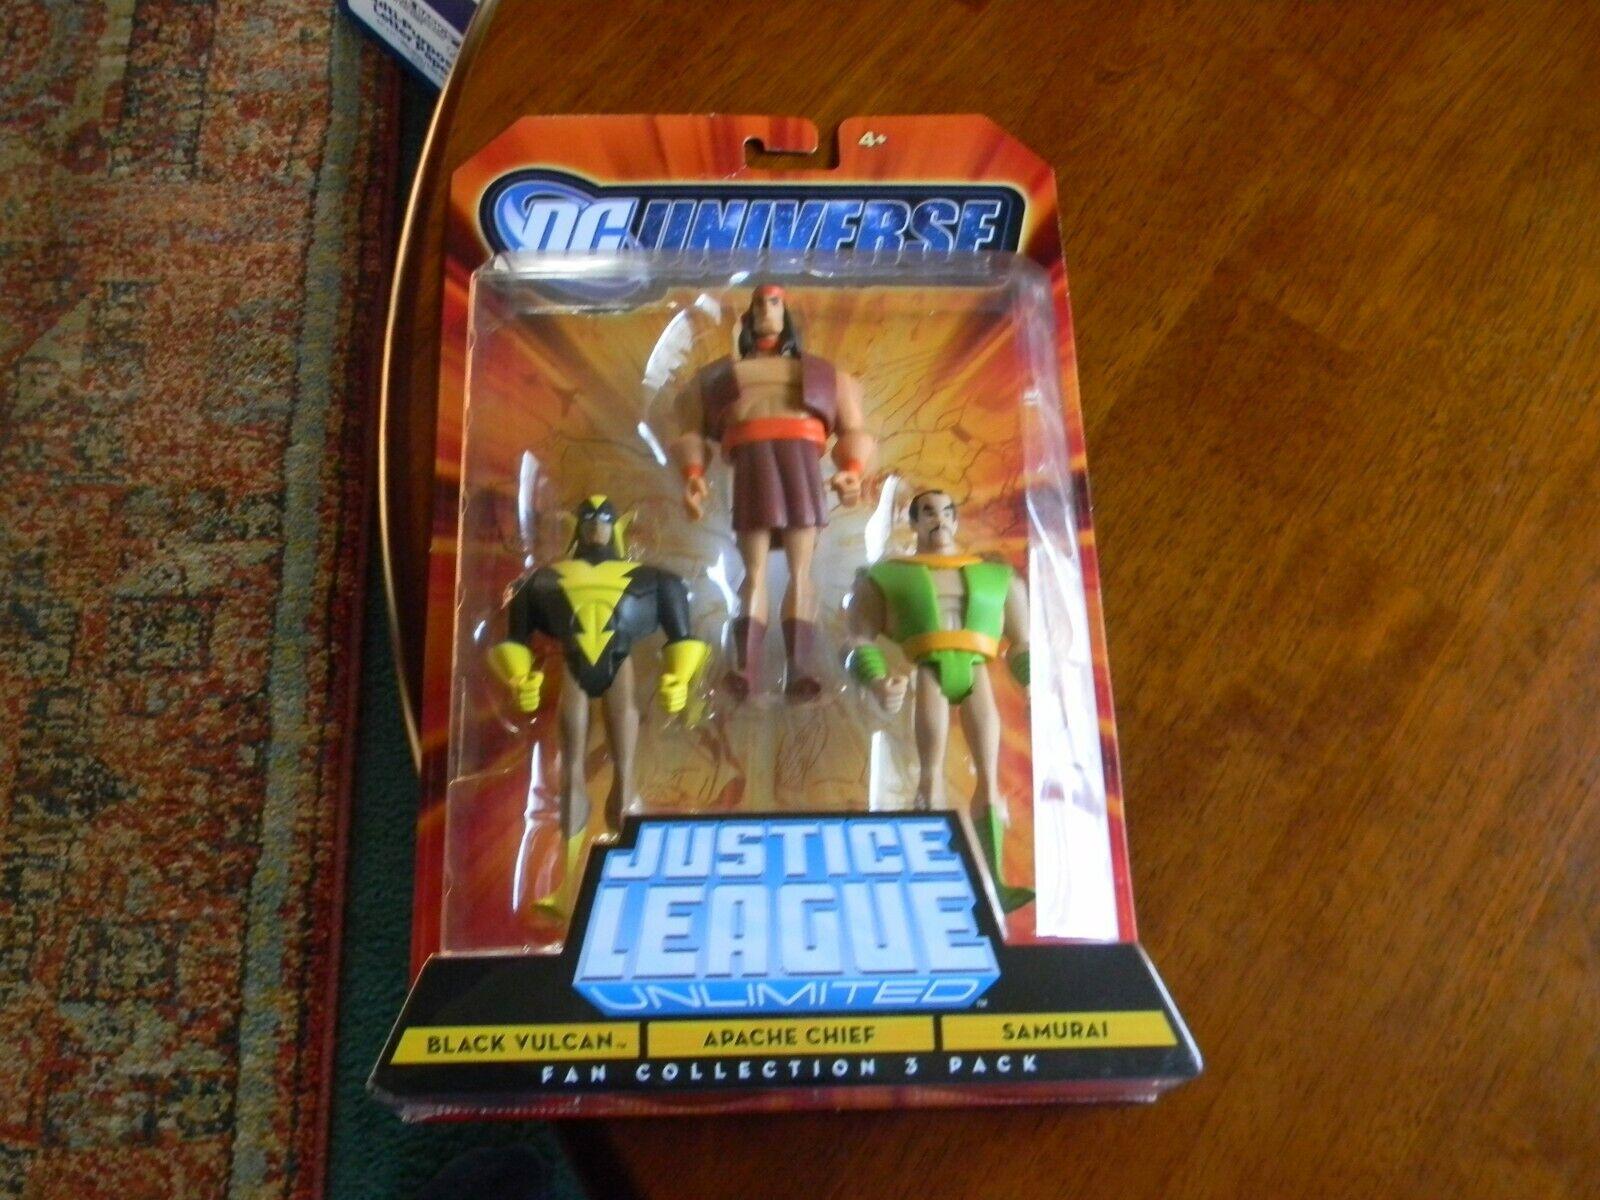 DC UNIVERSO Justice League Nero Vulcano, capo apache, SAMURAI Confezione da 3